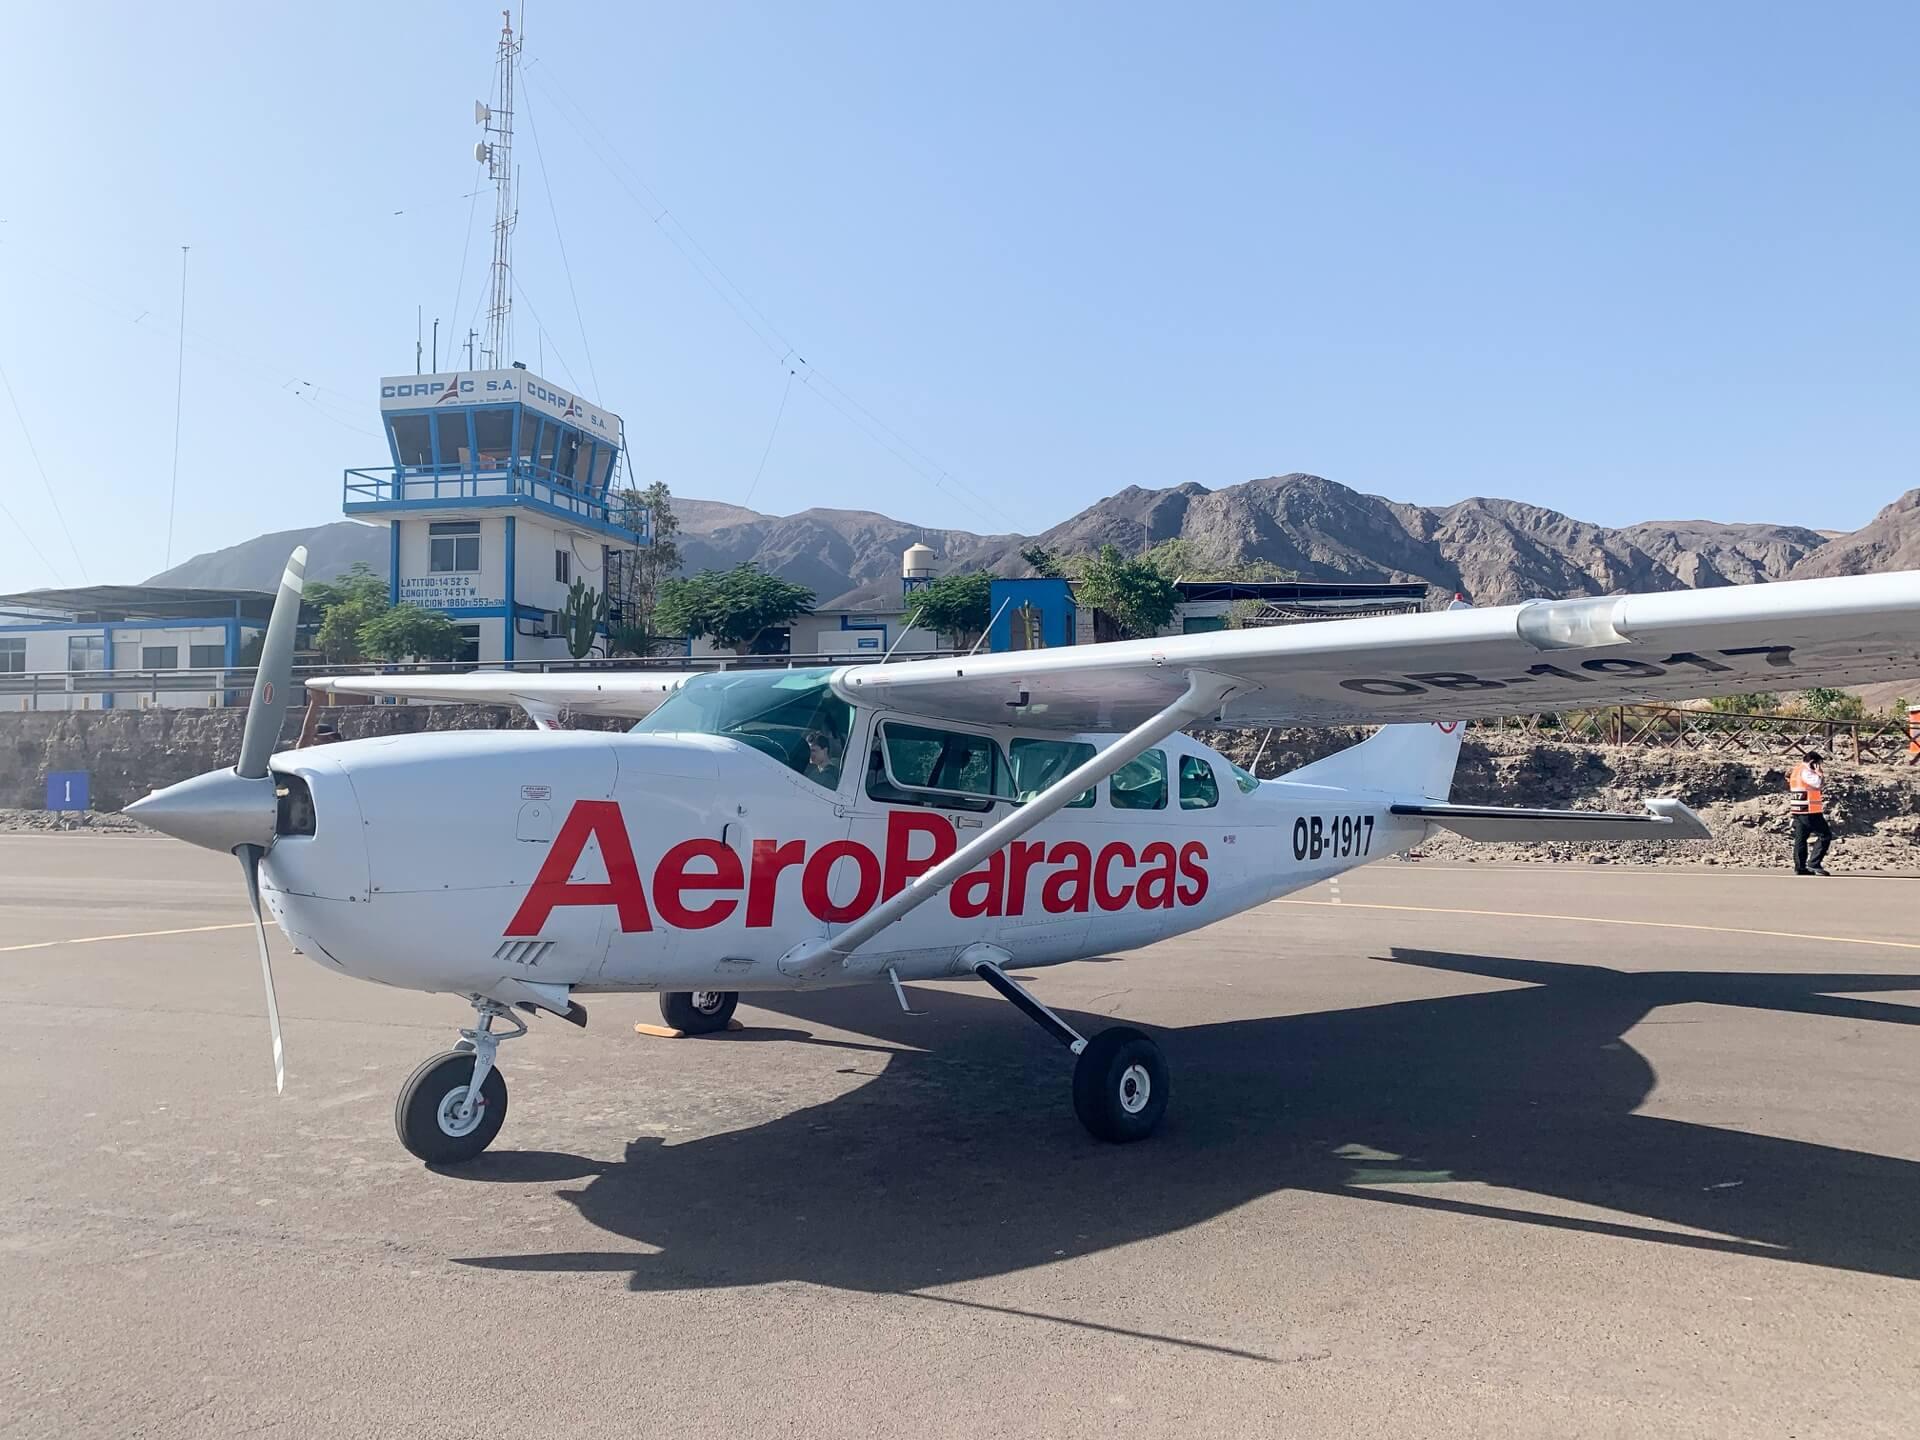 Avion Aero Paracas pour survoler les géoglyphes de Nazca